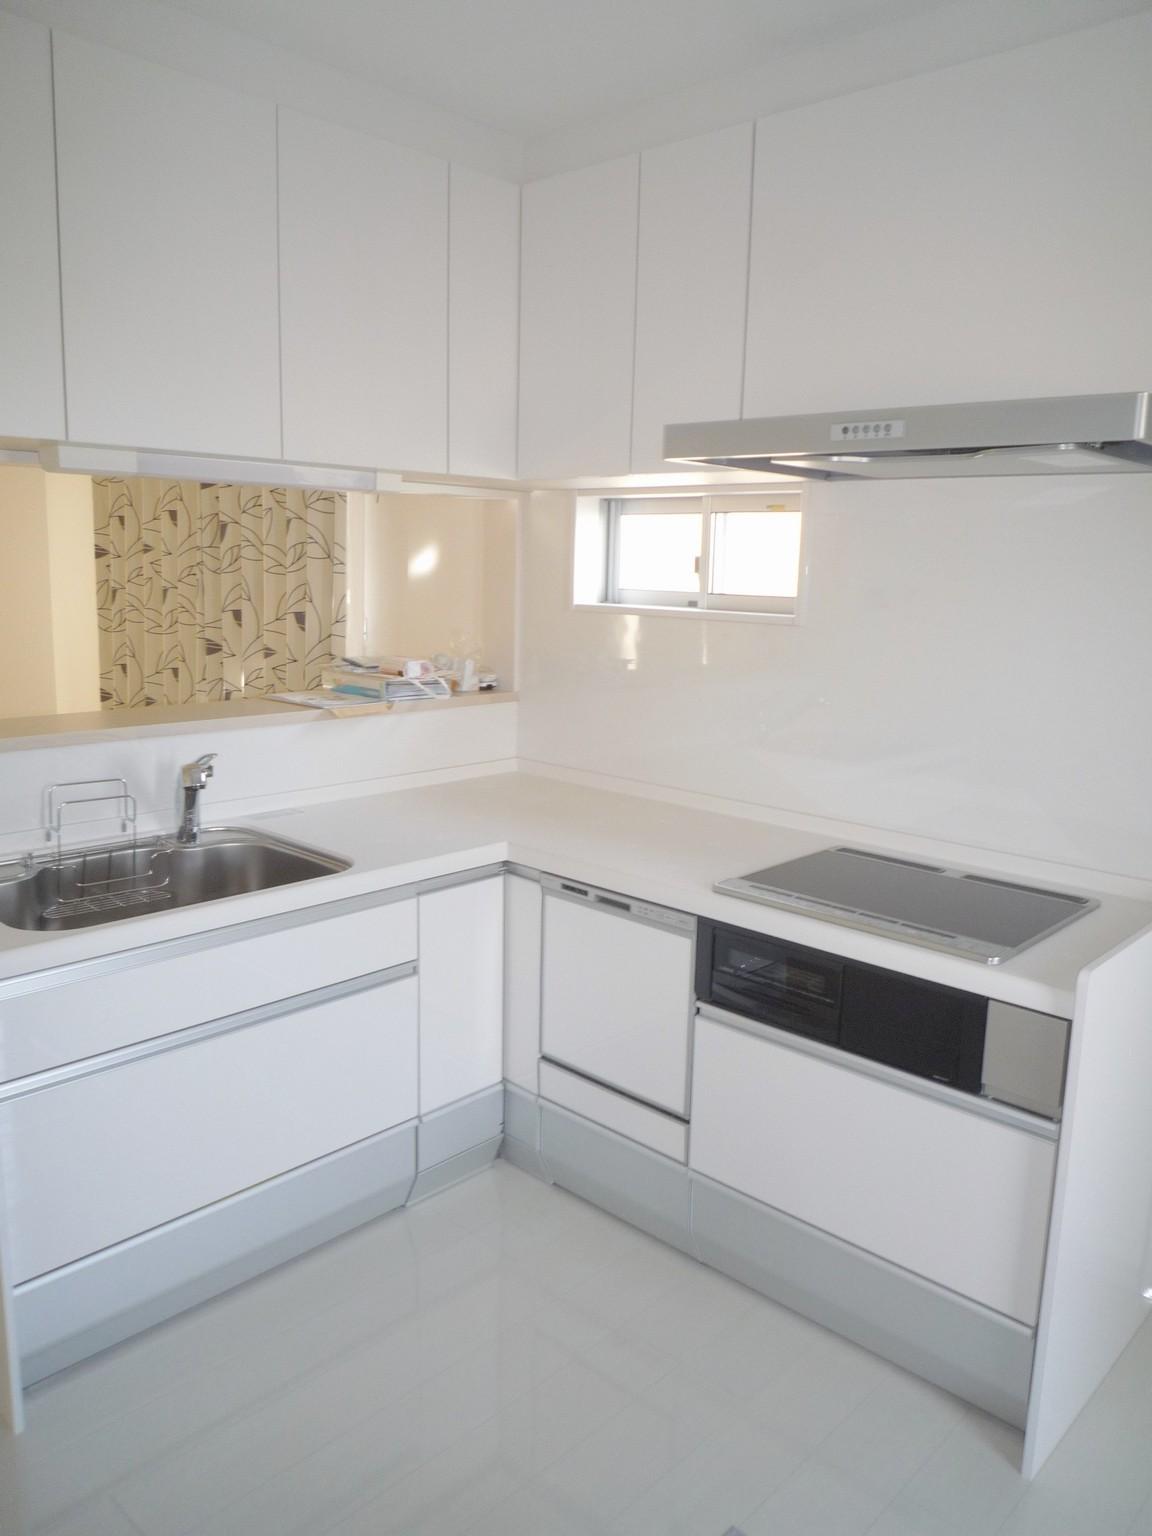 使いやすい対面式のキッチン